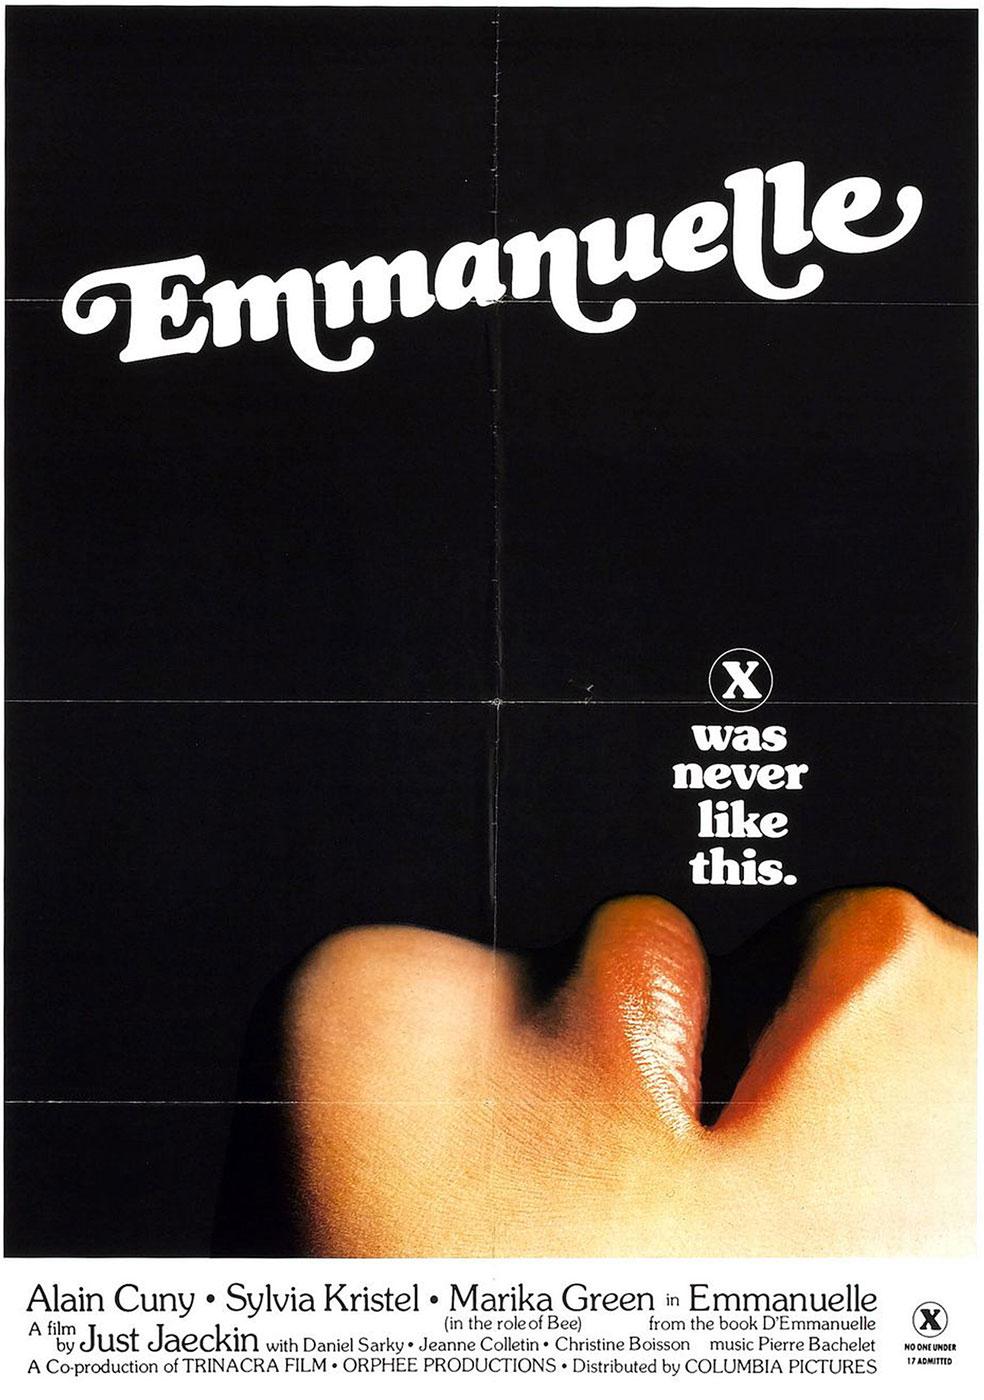 Emmanuelle - Just Jaeckin (1974)